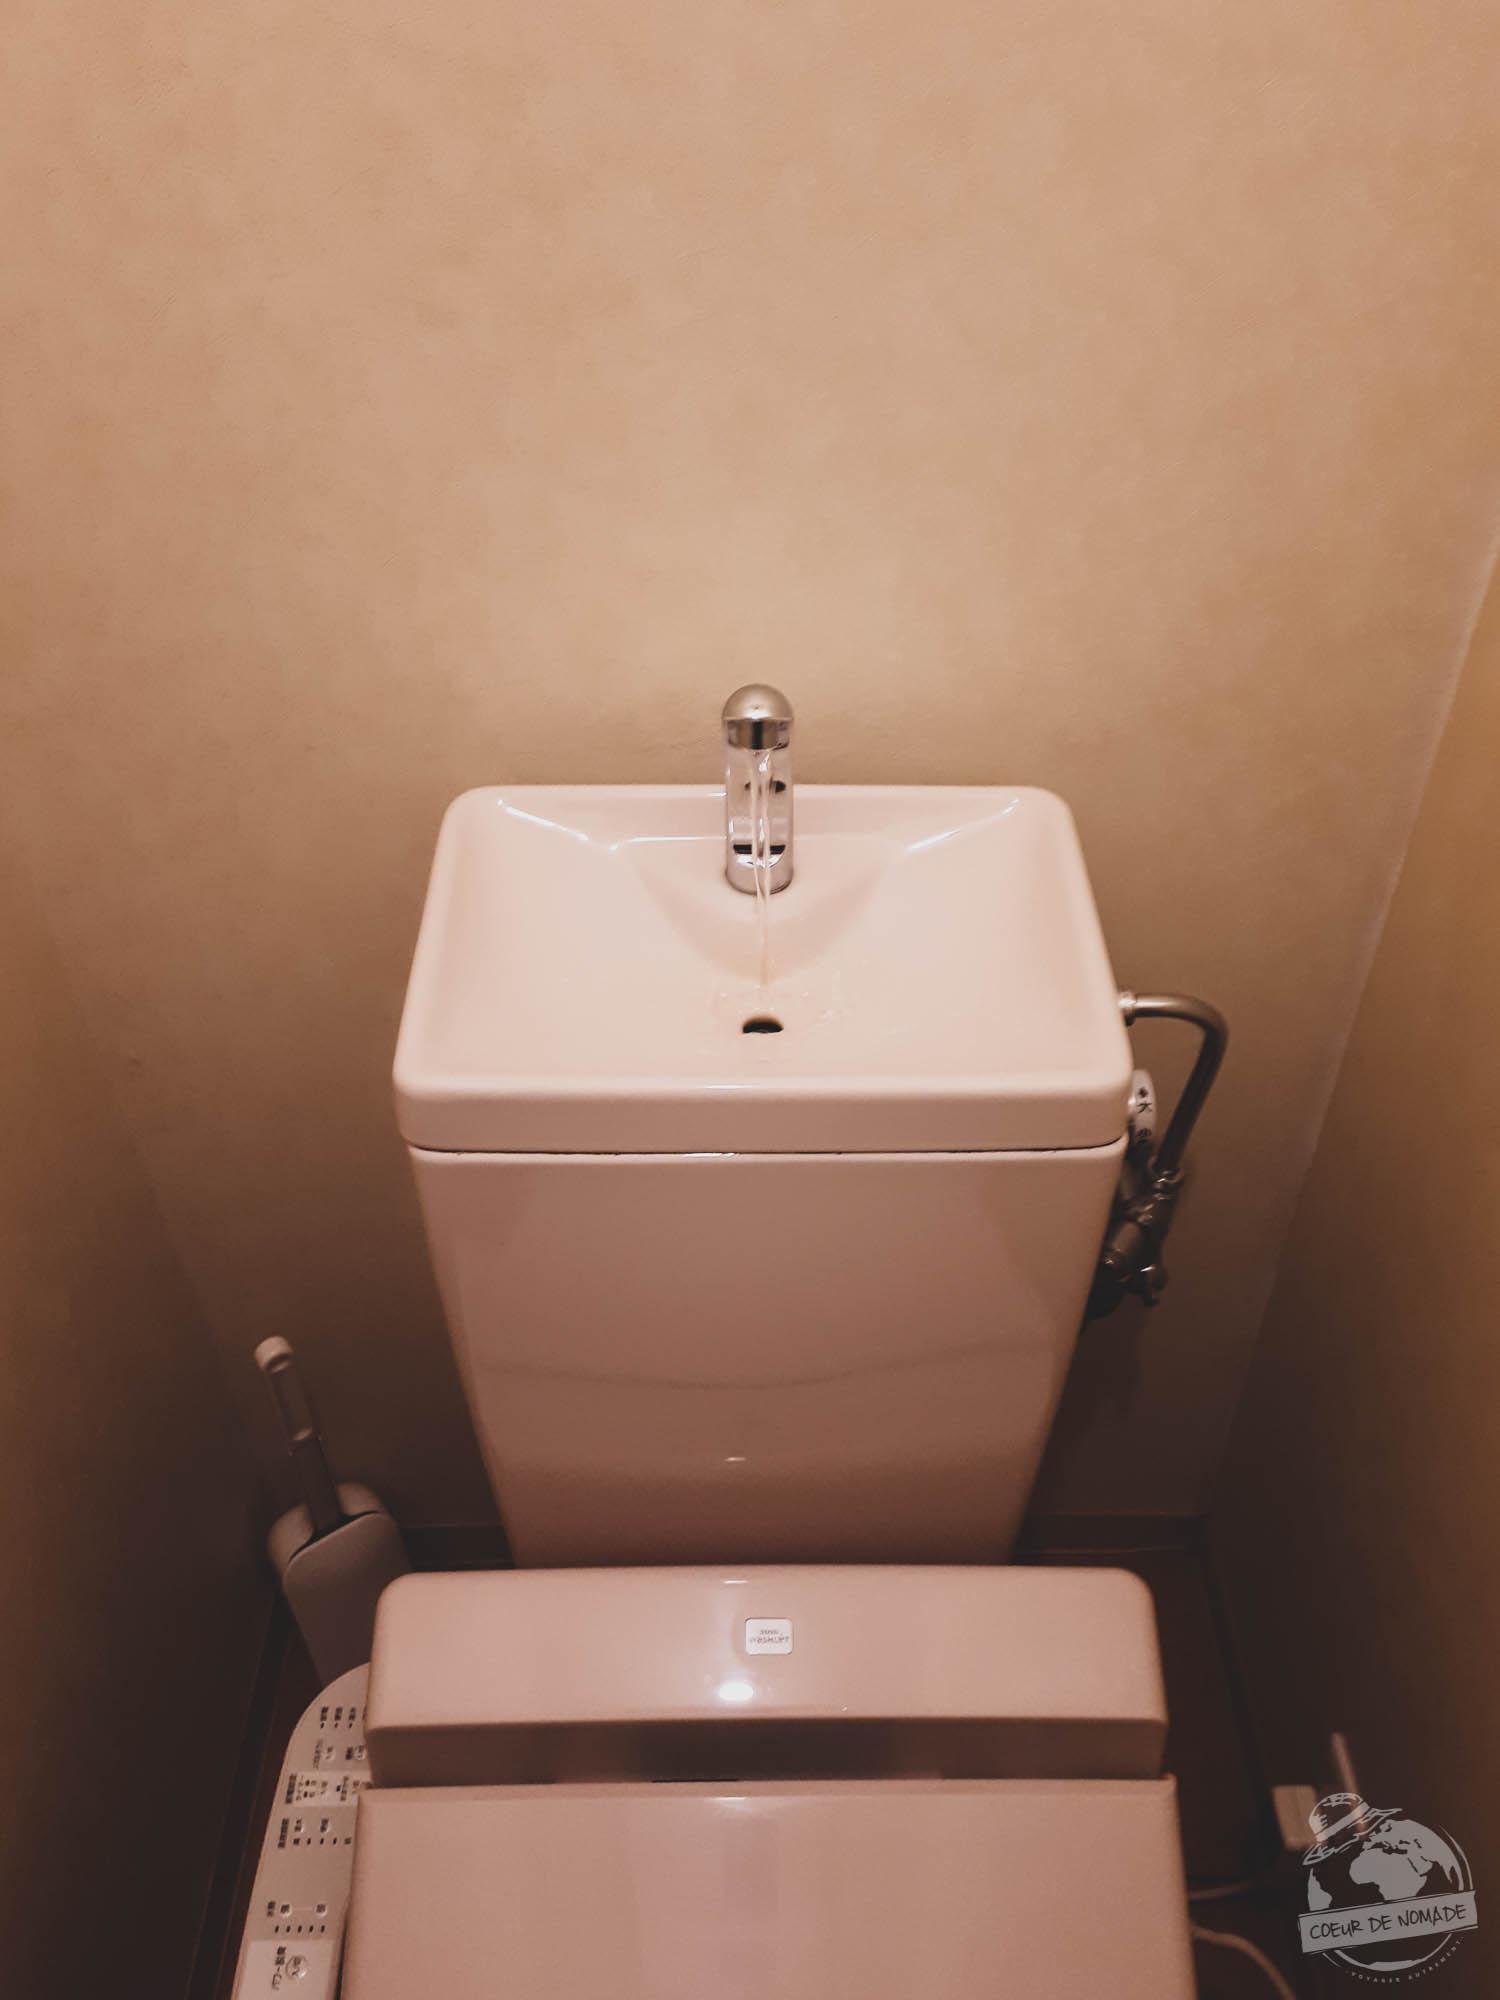 toilette 2 in 1